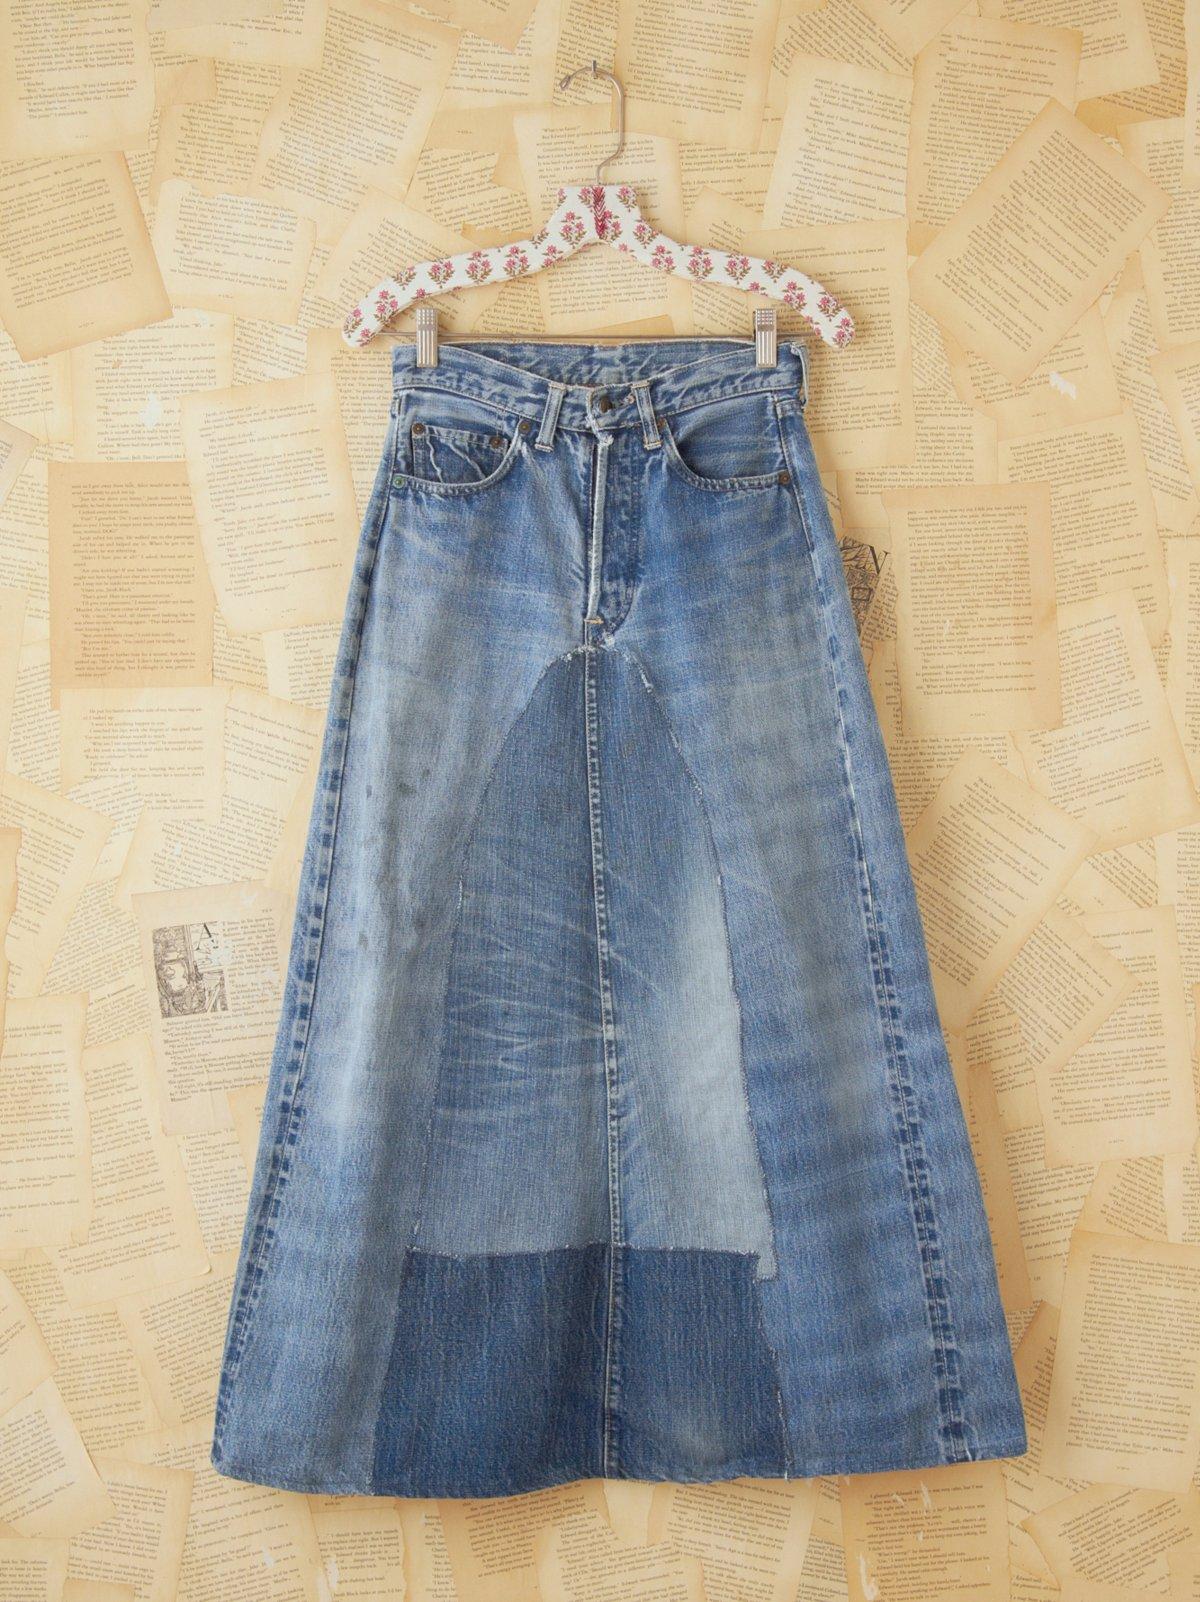 Vintage 1960s Homemade Denim Maxi Skirt